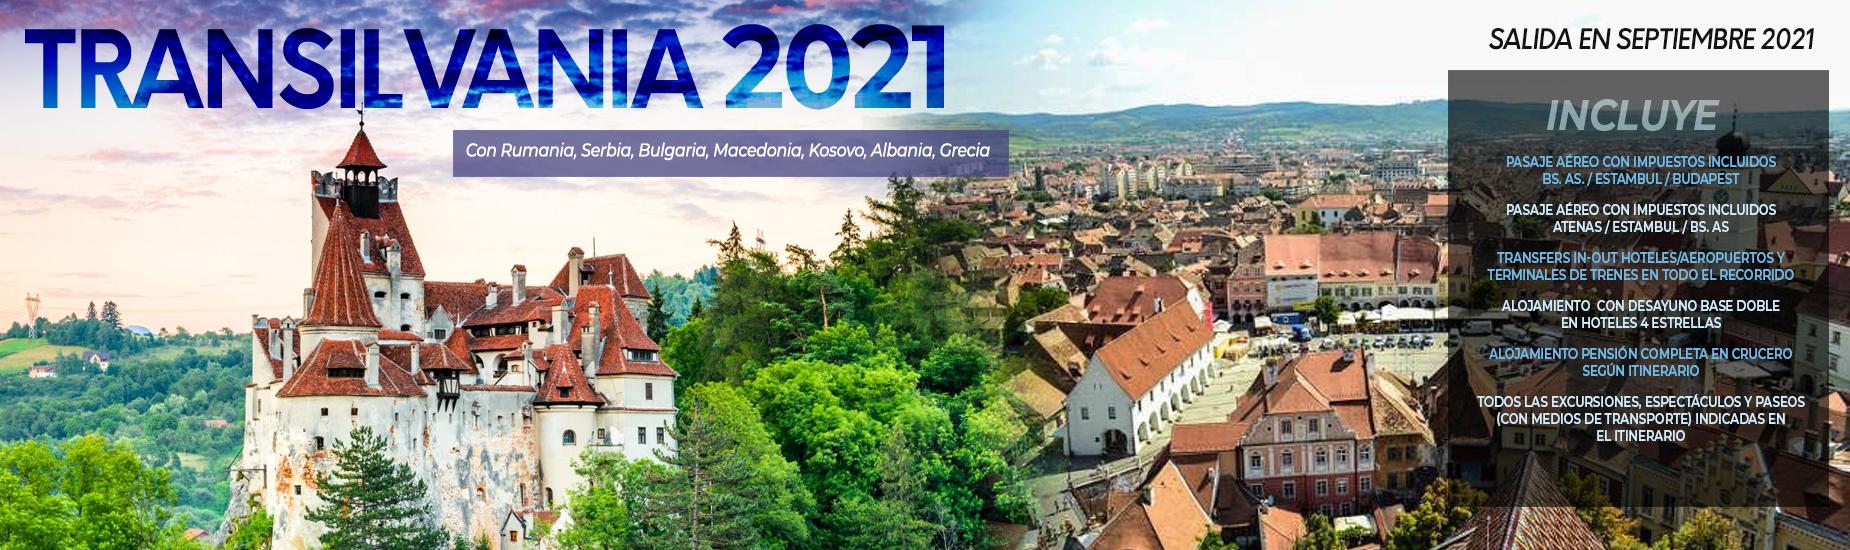 Transilvania 2021